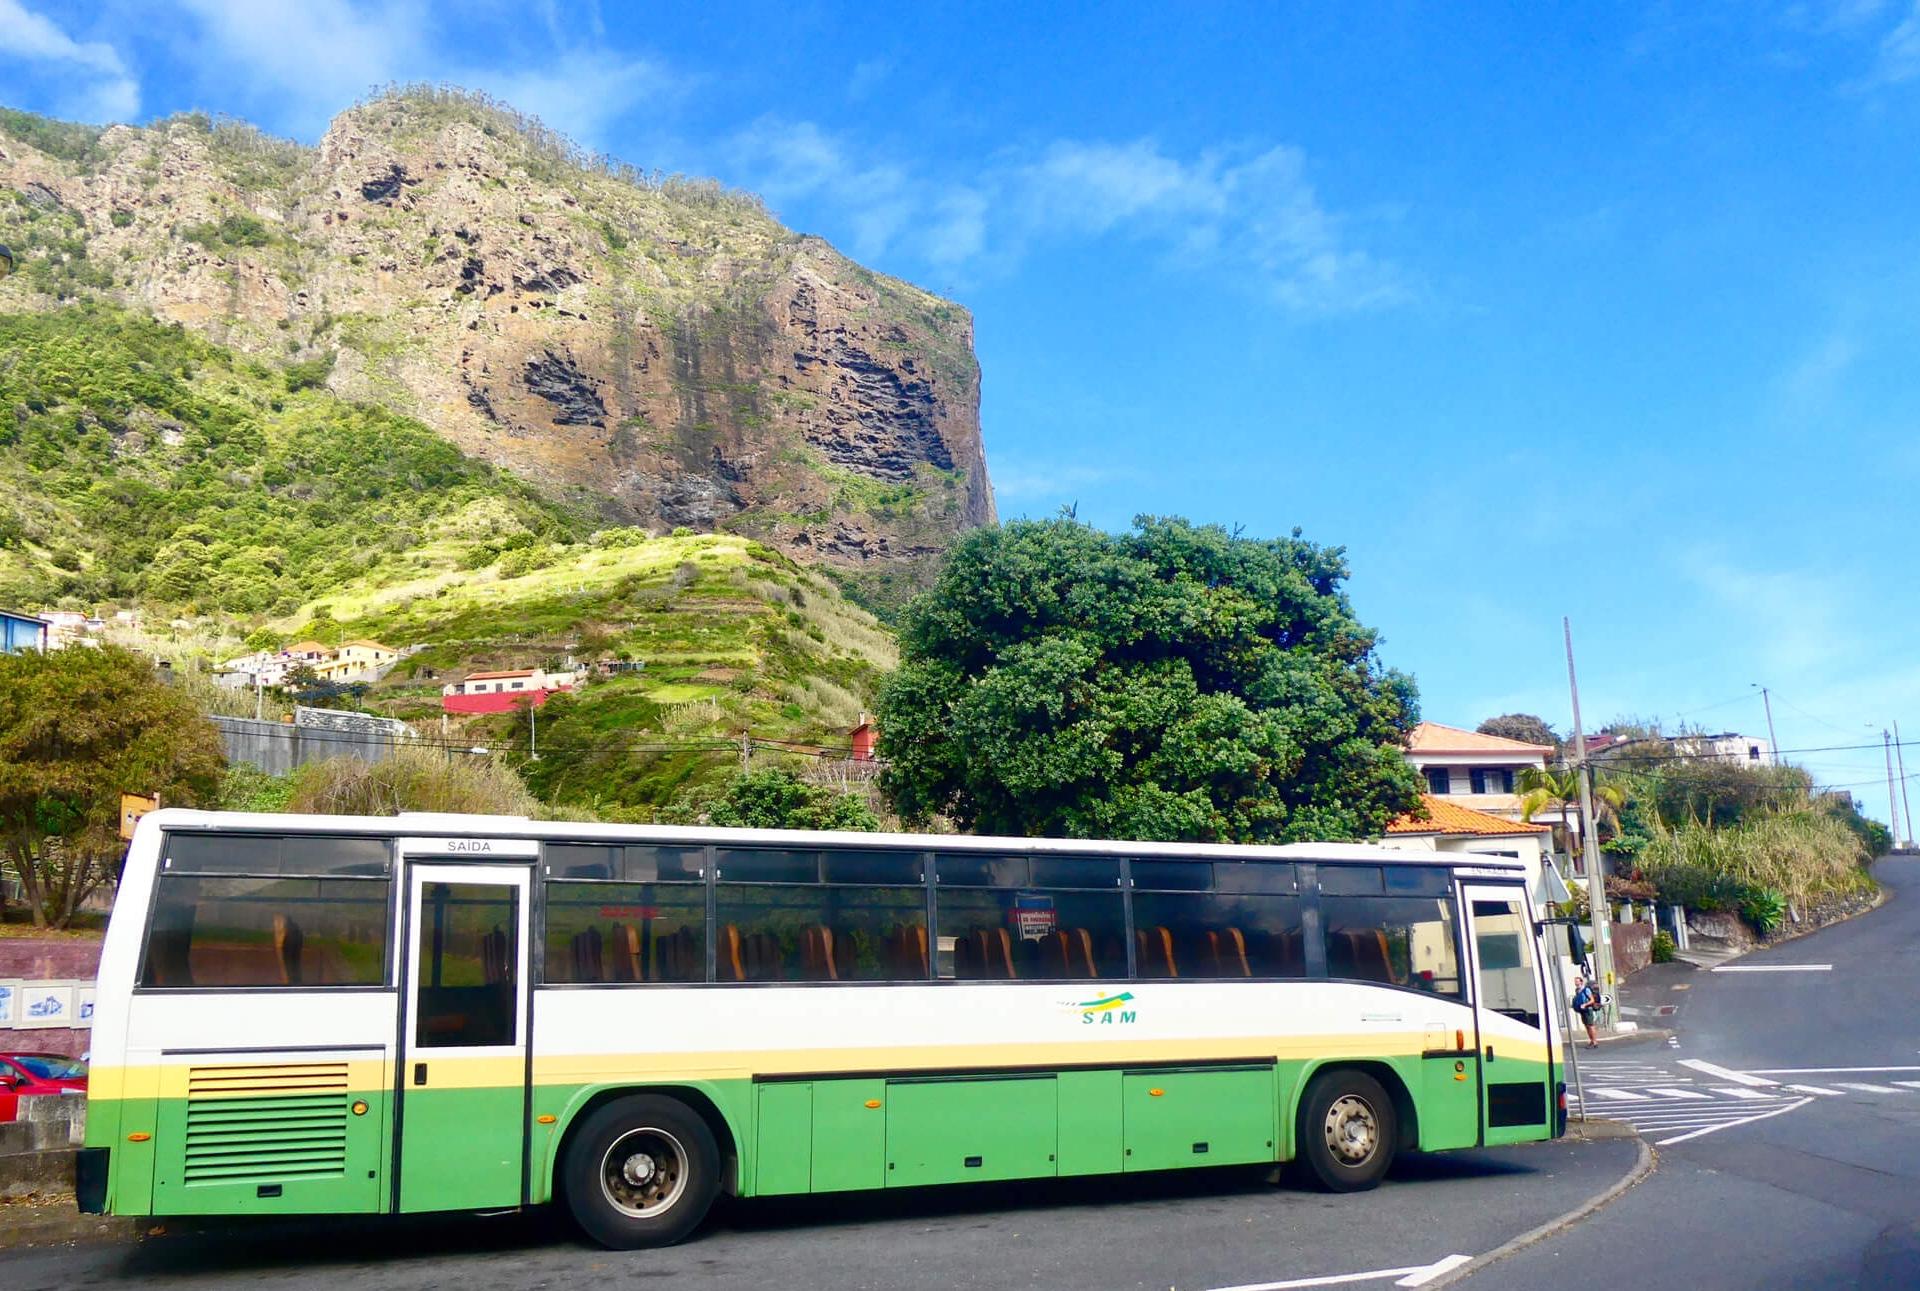 Bus SAM Madeira vliegveld